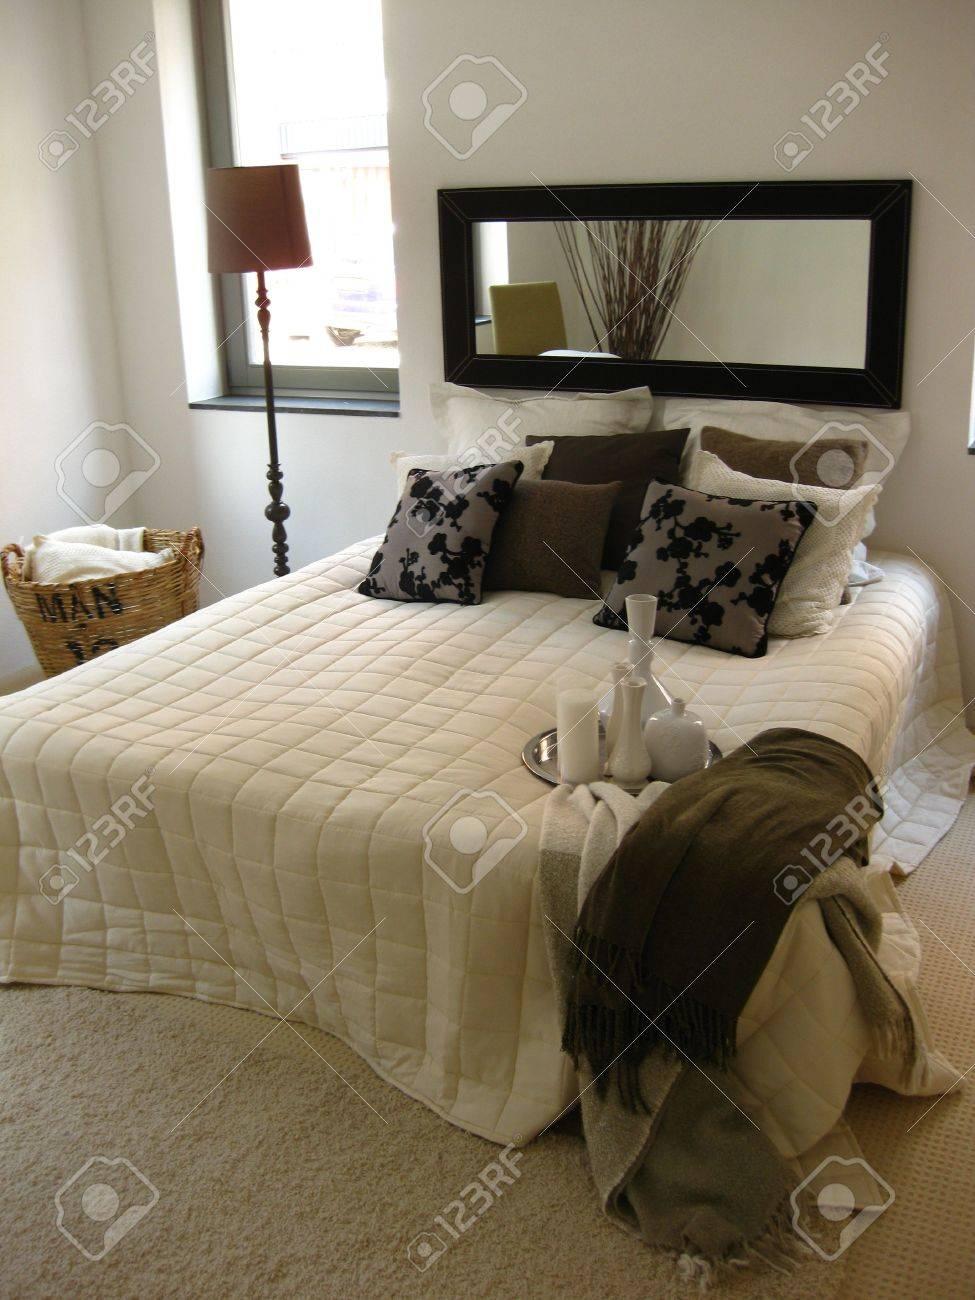 Bedroom interior Stock Photo - 5001012